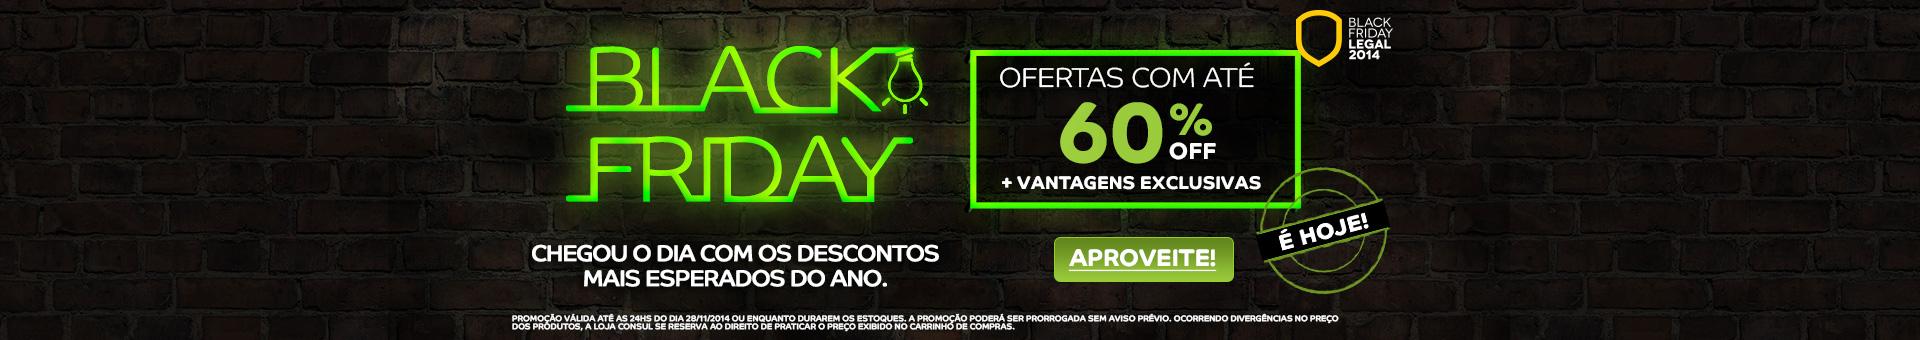 COMEÇOU - Black Friday CNS